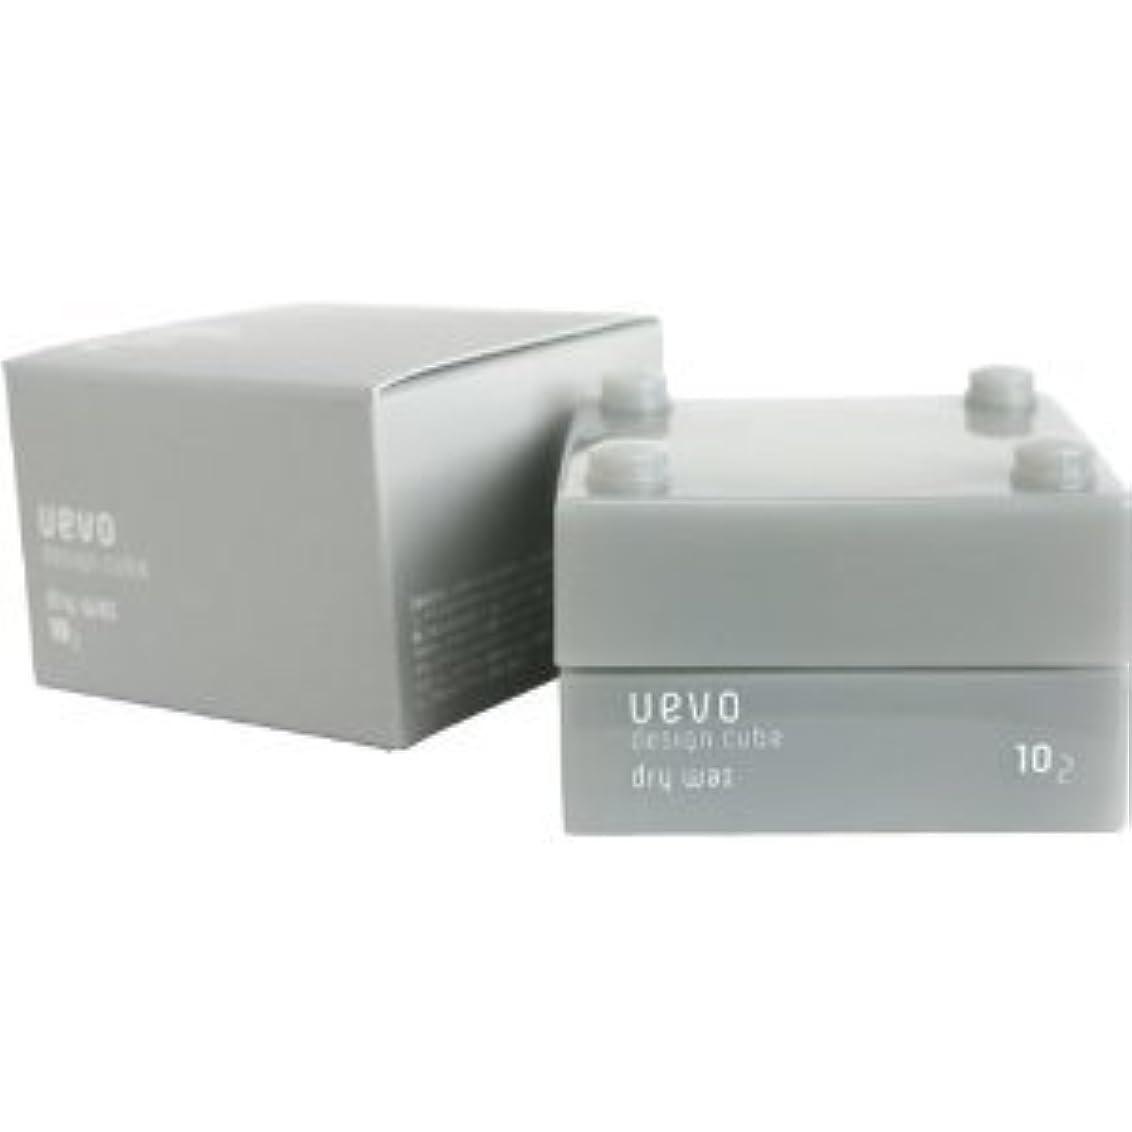 意識的まばたき自発的【X2個セット】 デミ ウェーボ デザインキューブ ドライワックス 30g dry wax DEMI uevo design cube